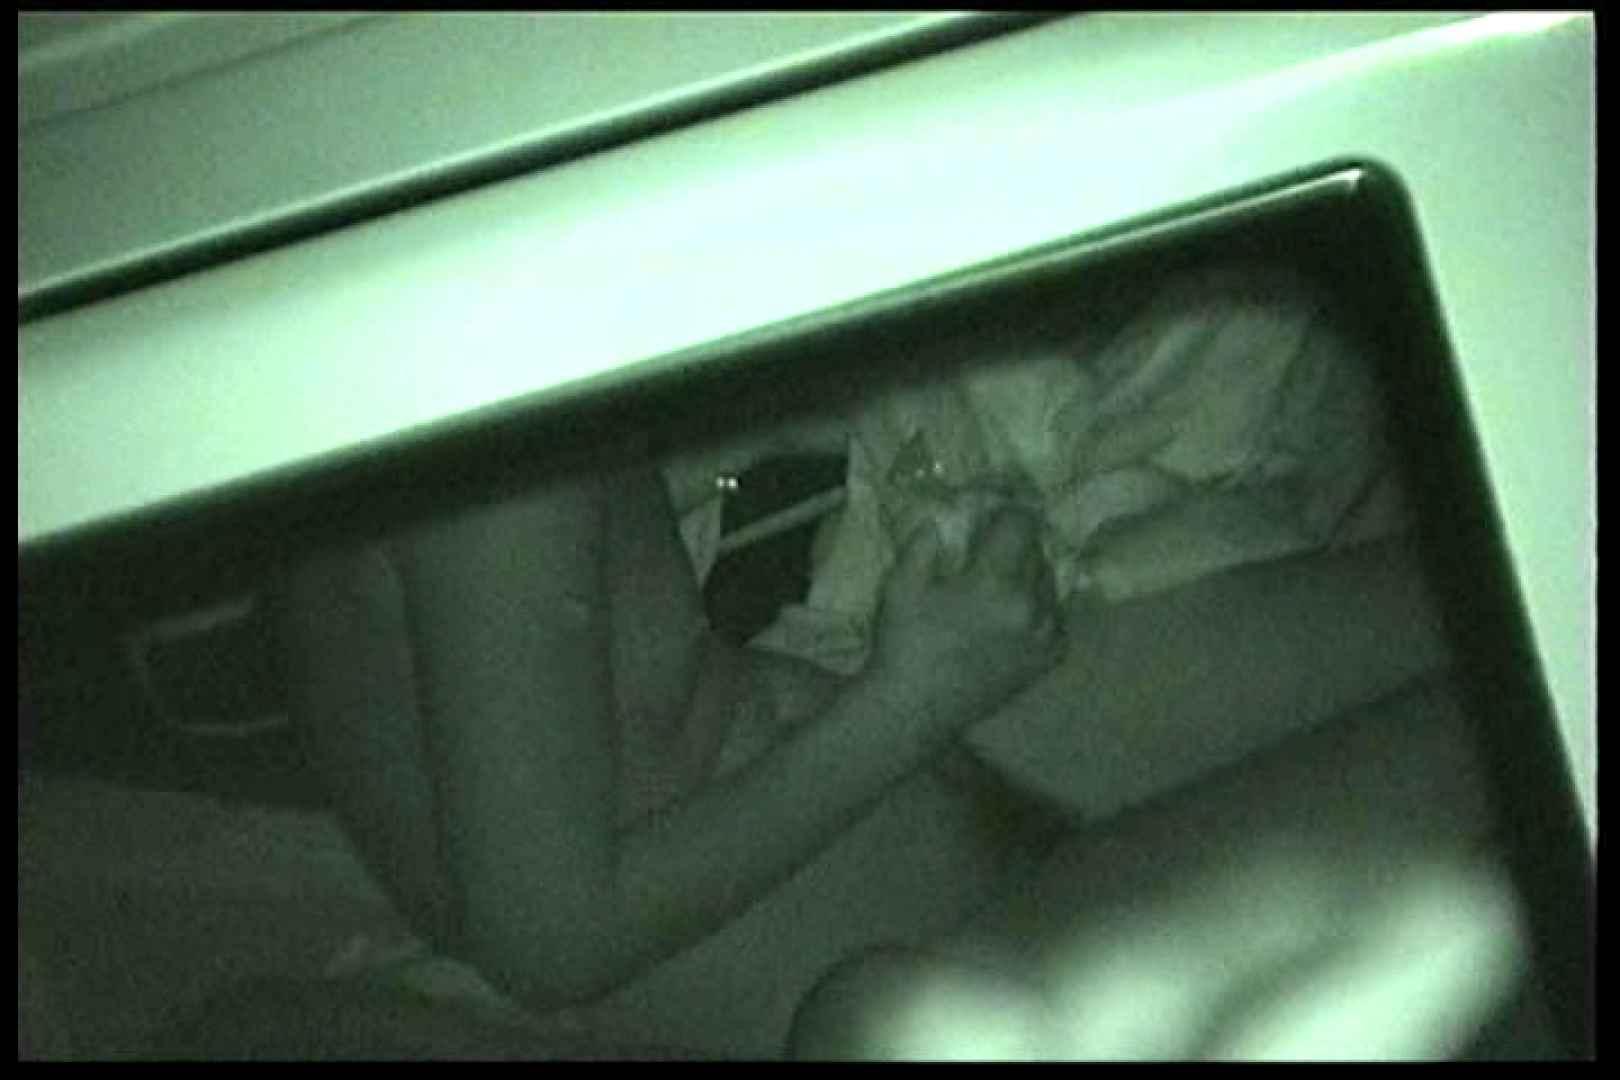 車の中はラブホテル 無修正版  Vol.13 マンコ映像 のぞき動画画像 80連発 39